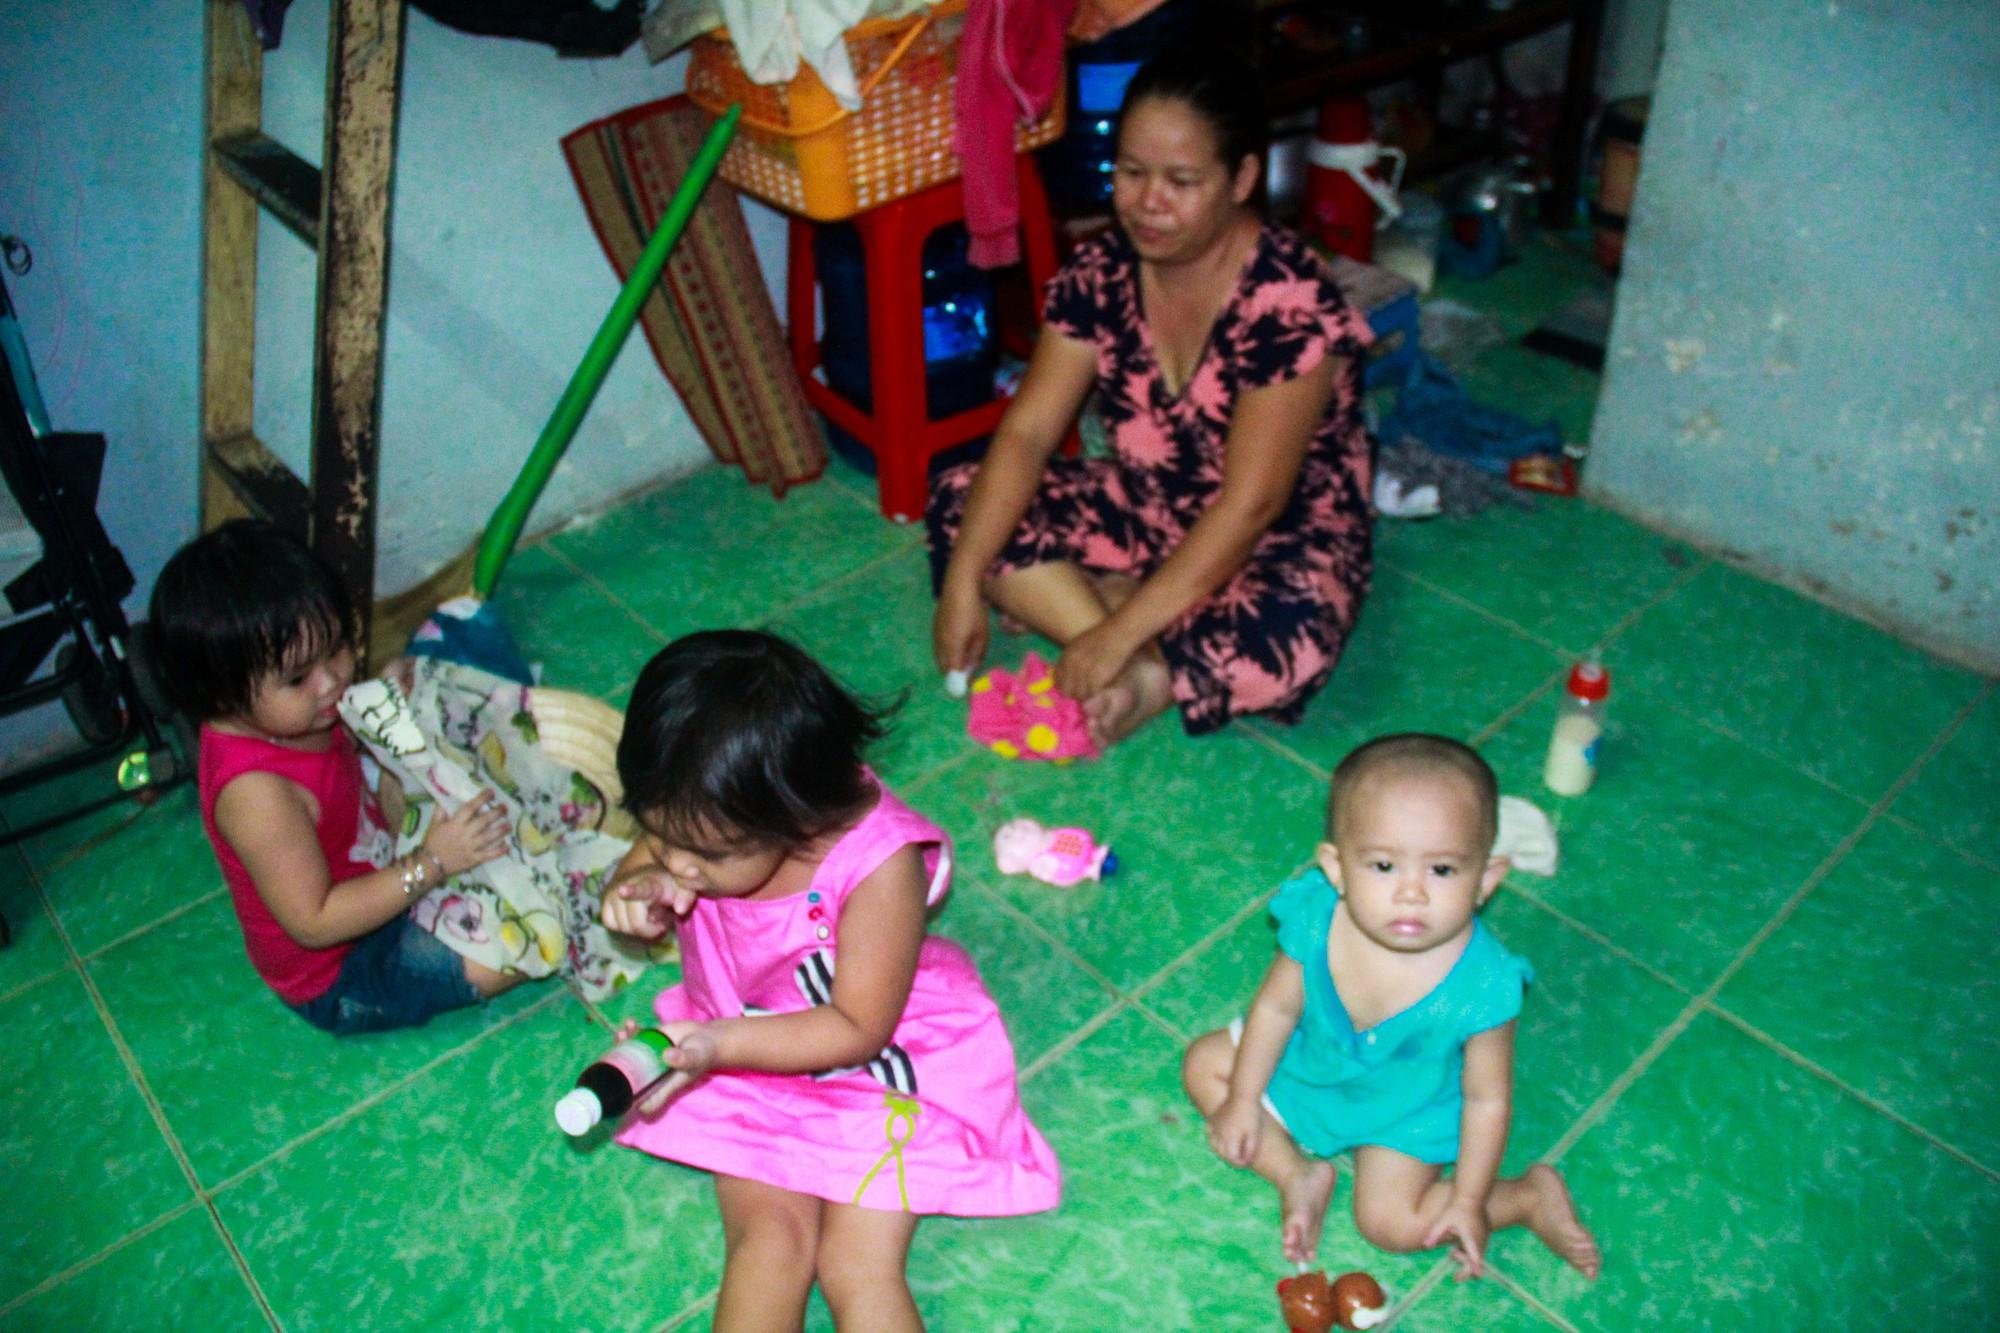 Bất chấp nguy hiểm, mới mổ sinh được 10 ngày, người mẹ đã đi làm thuê để nuôi 5 người con, cháu cùng chồng bệnh tật - Ảnh 3.